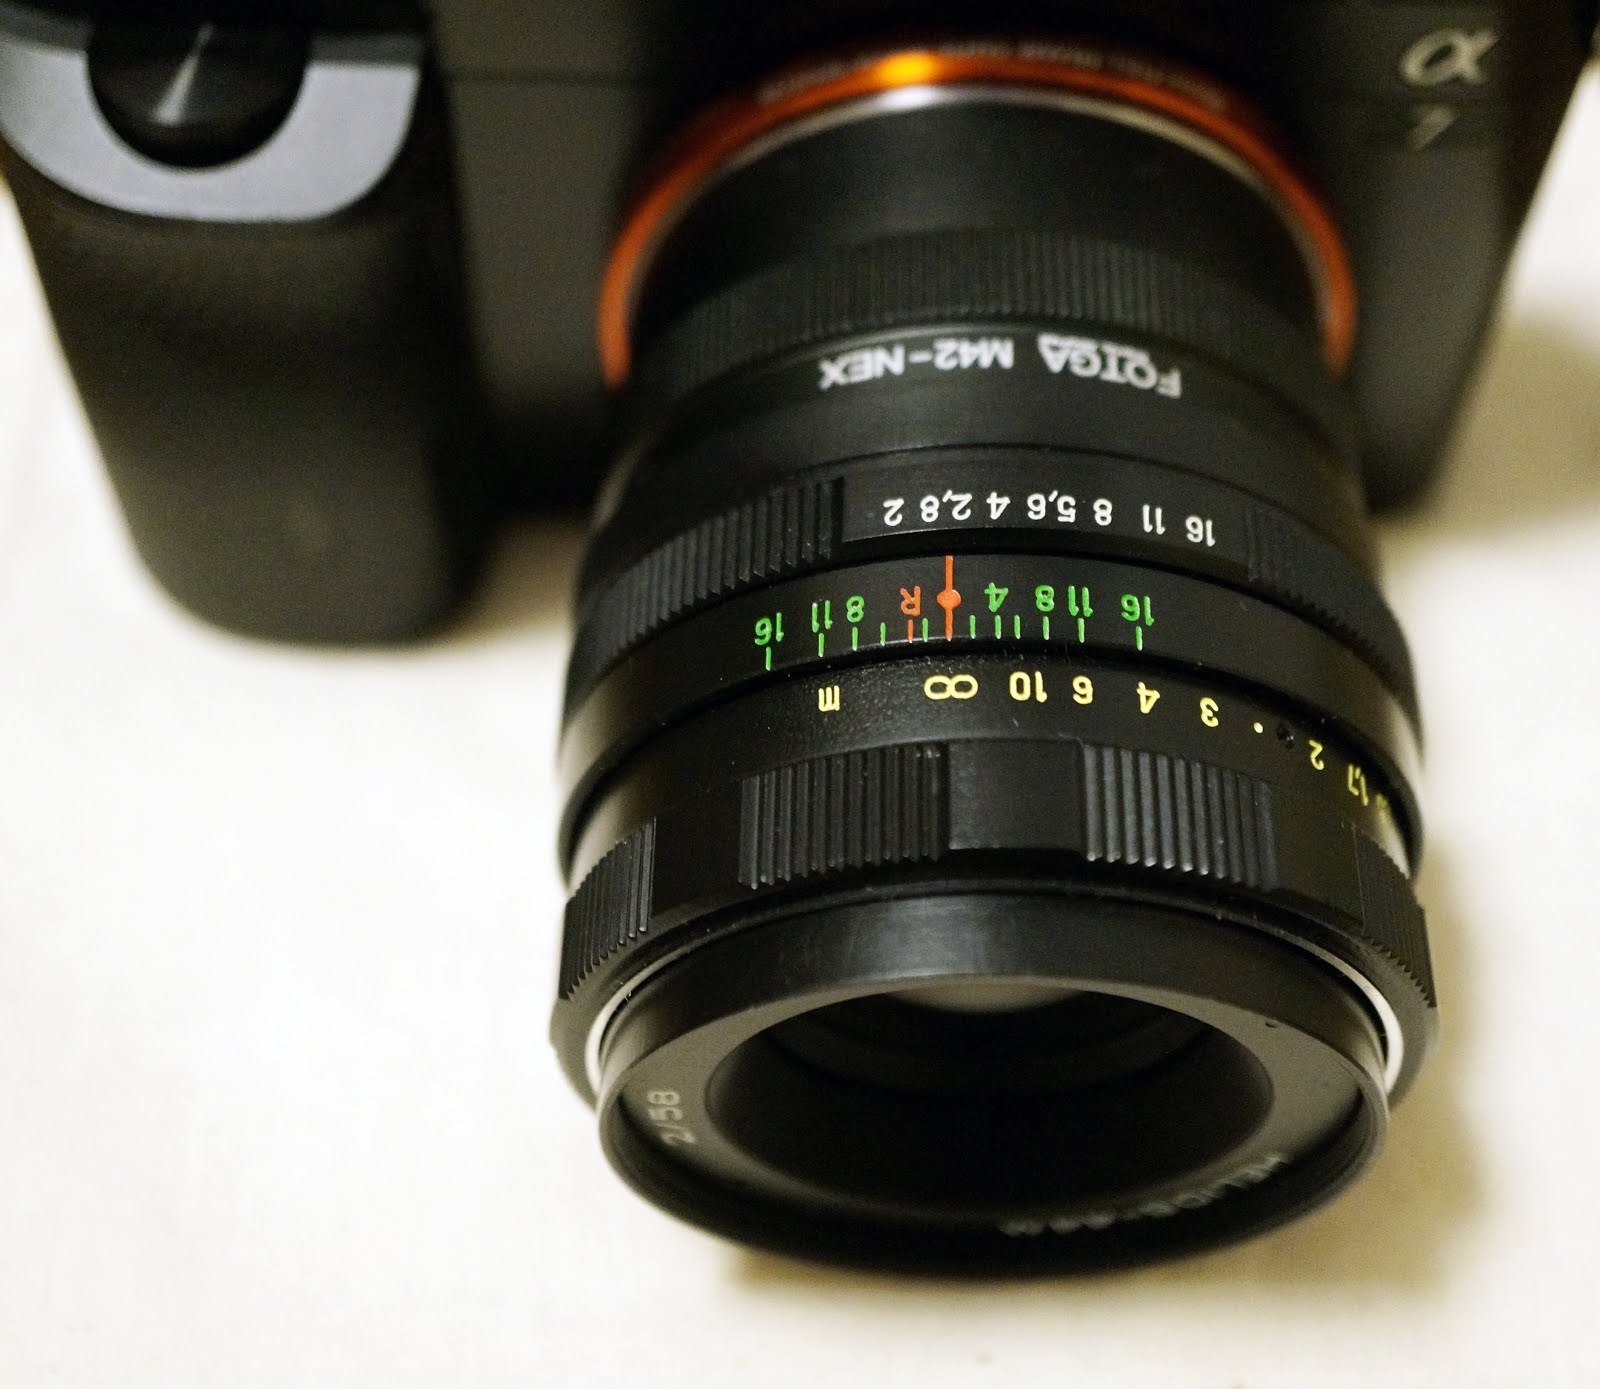 レンズ改造で遊ぶ helios 44m 58mm f2 ロシア m42マウントレンズ